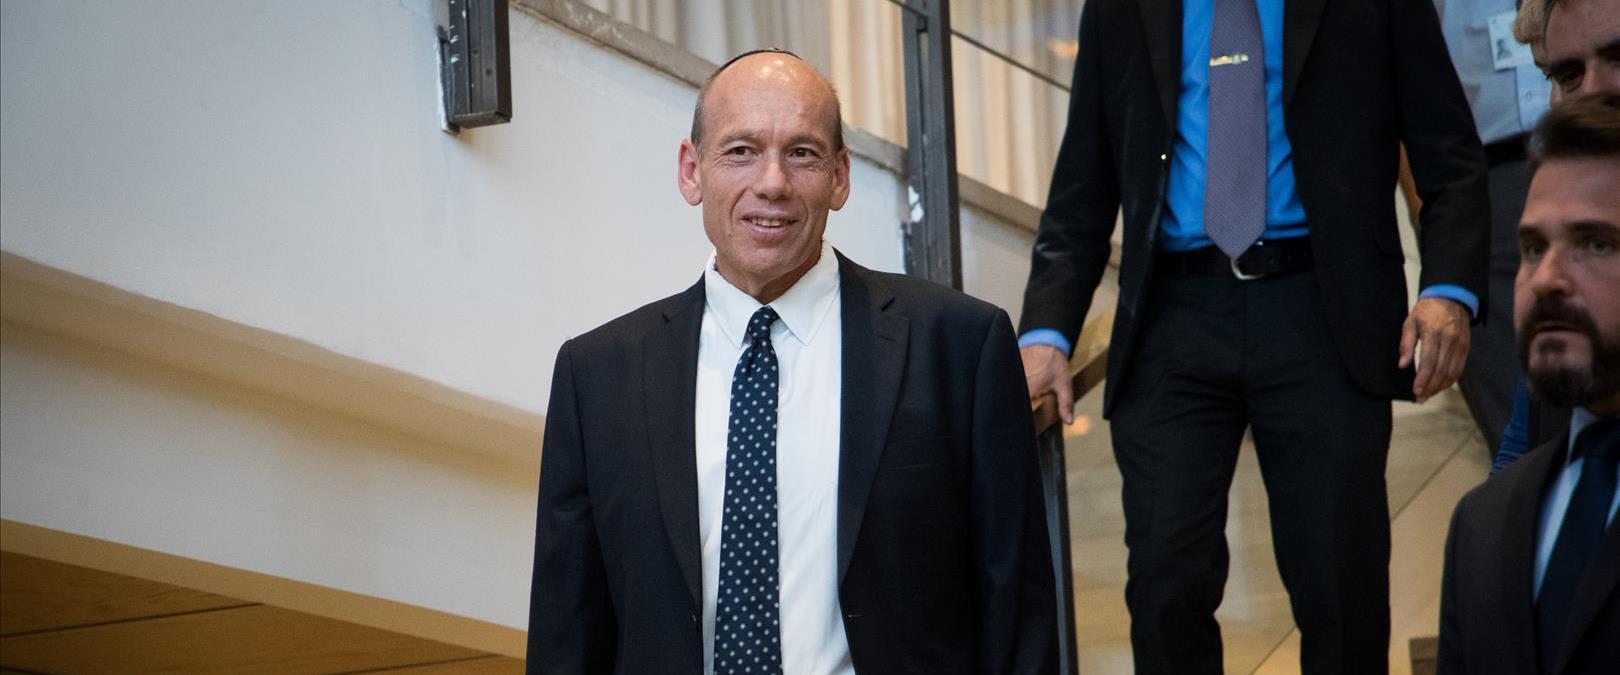 מבקר המדינה מתניהו אנגלמן בכנסת, יוני 2019